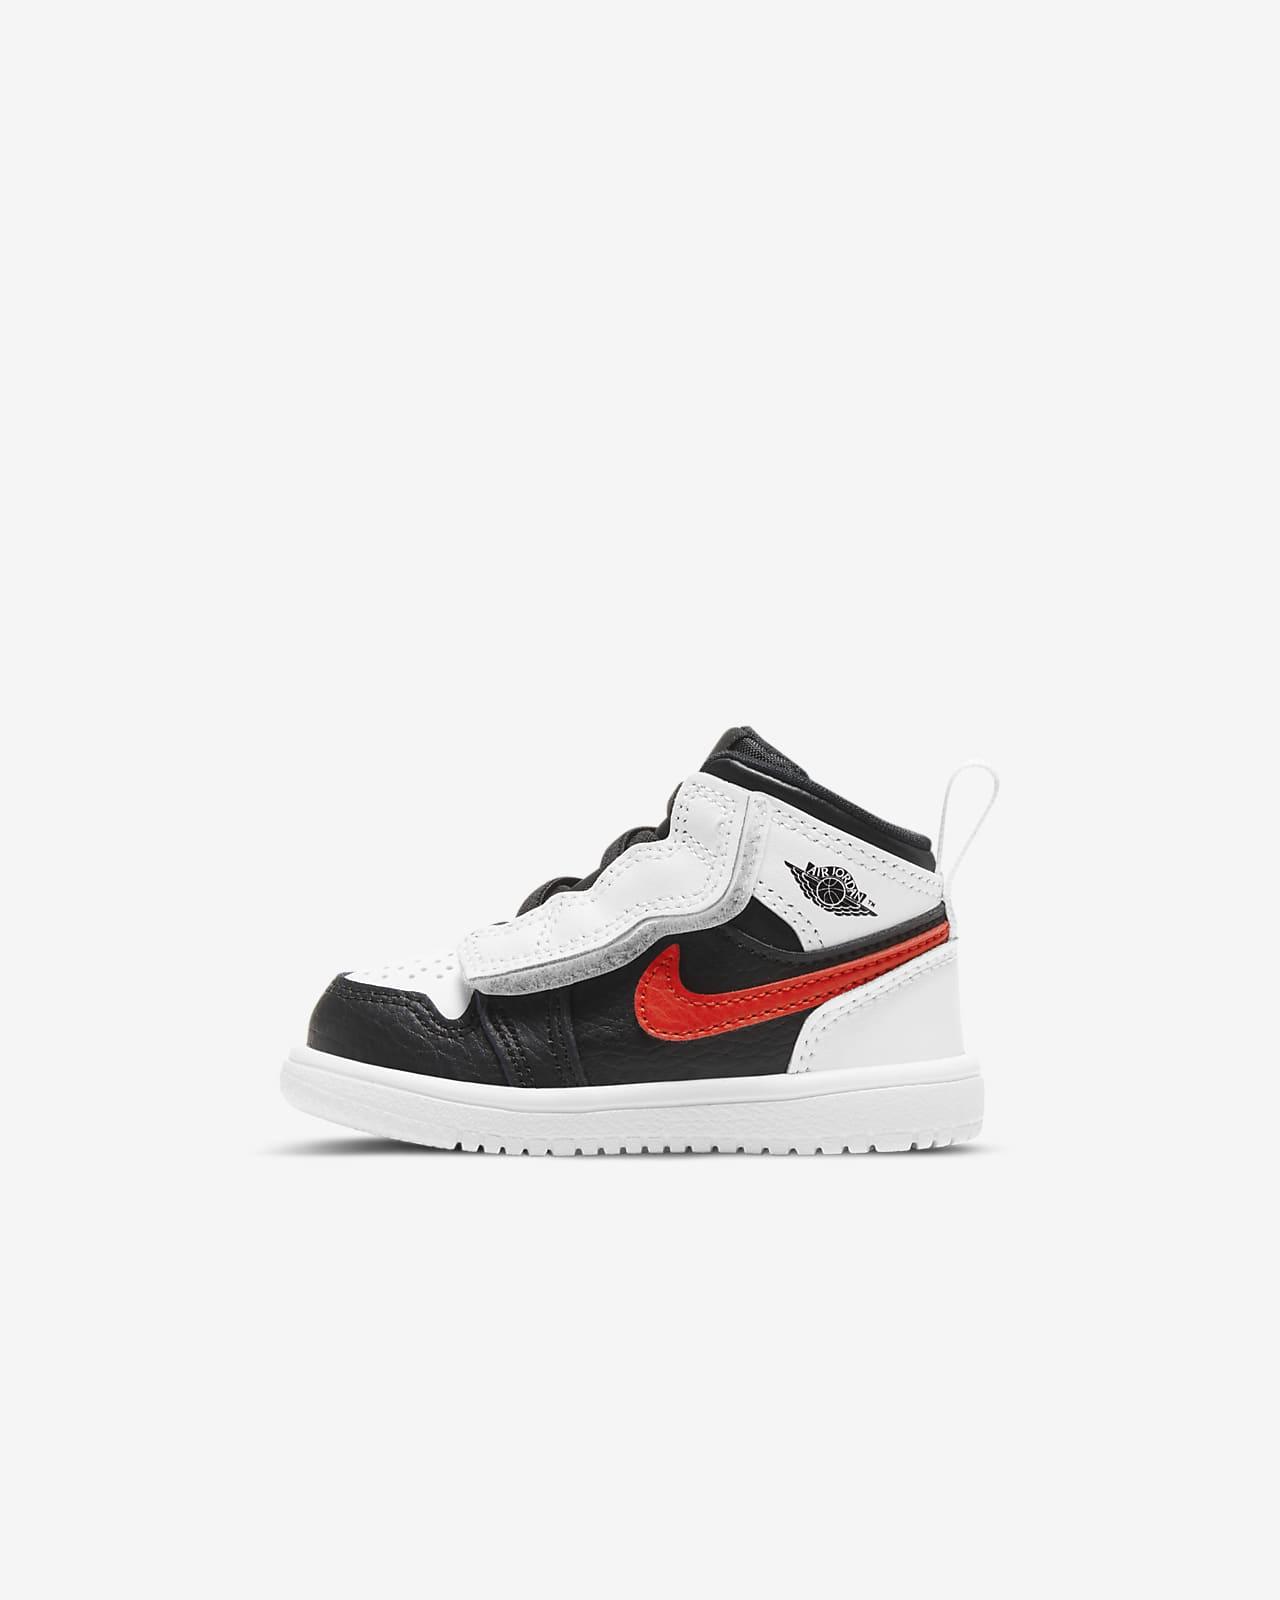 Jordan 1 Mid Infant/Toddler Shoe